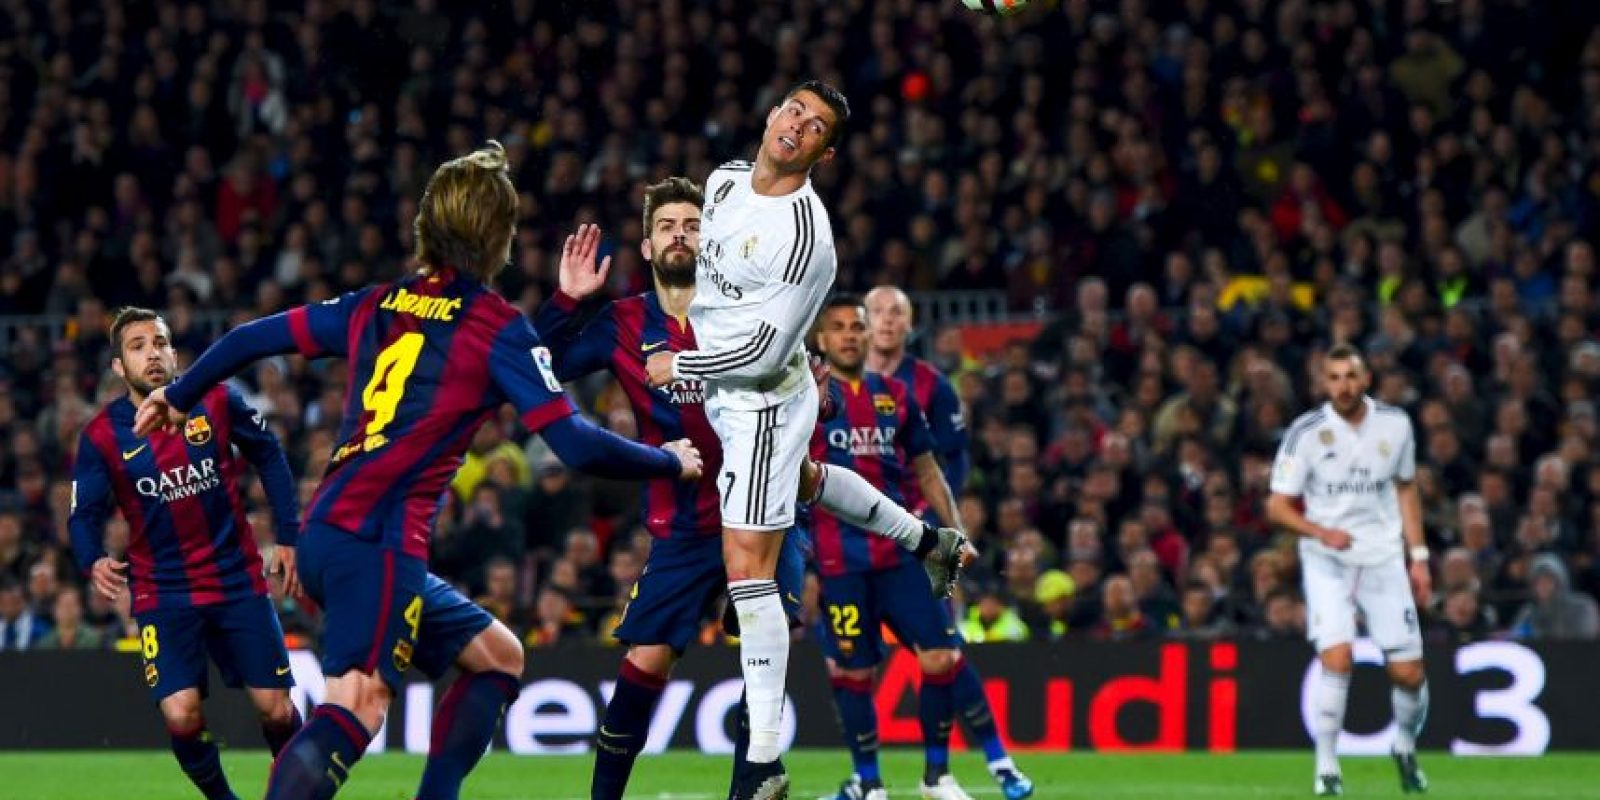 Podrán mostrar a sus amigos cuál es su club favorito Foto:Getty Images